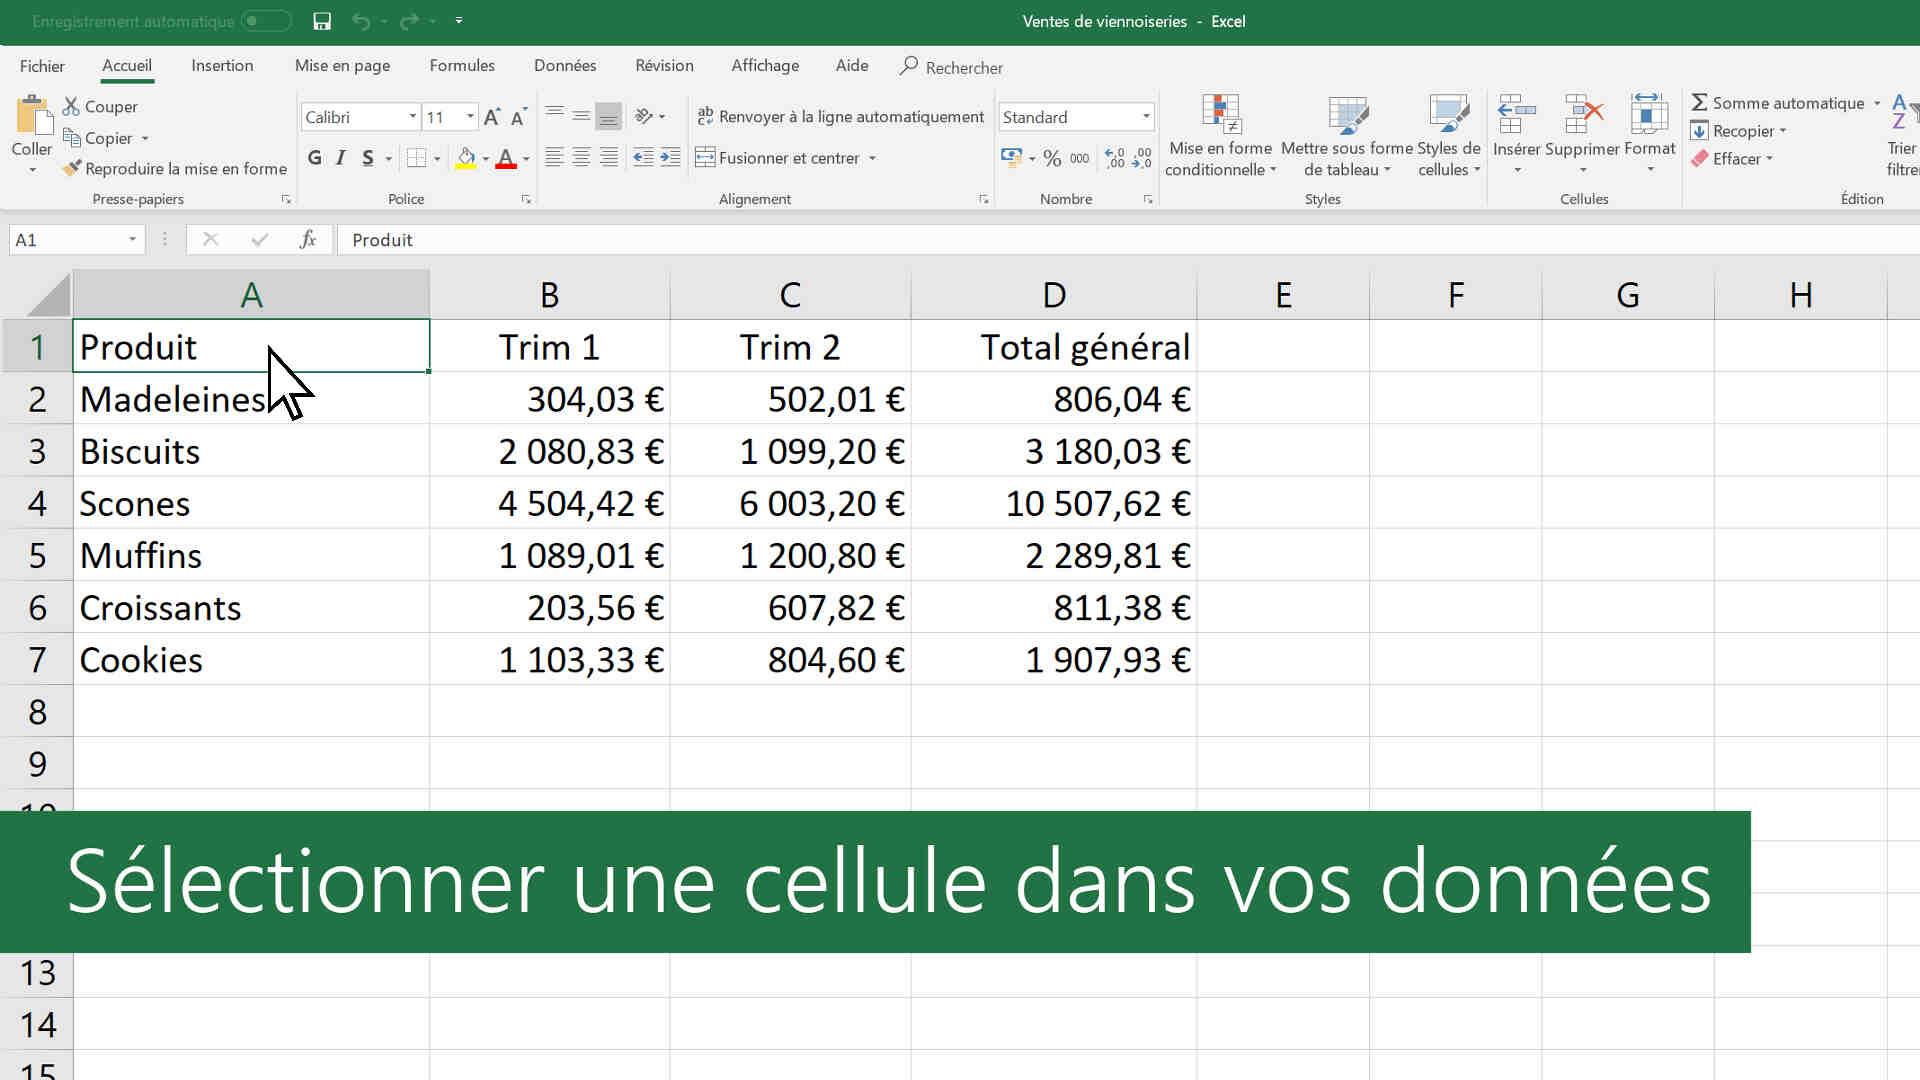 Comment faire un joli tableau dans Excel?